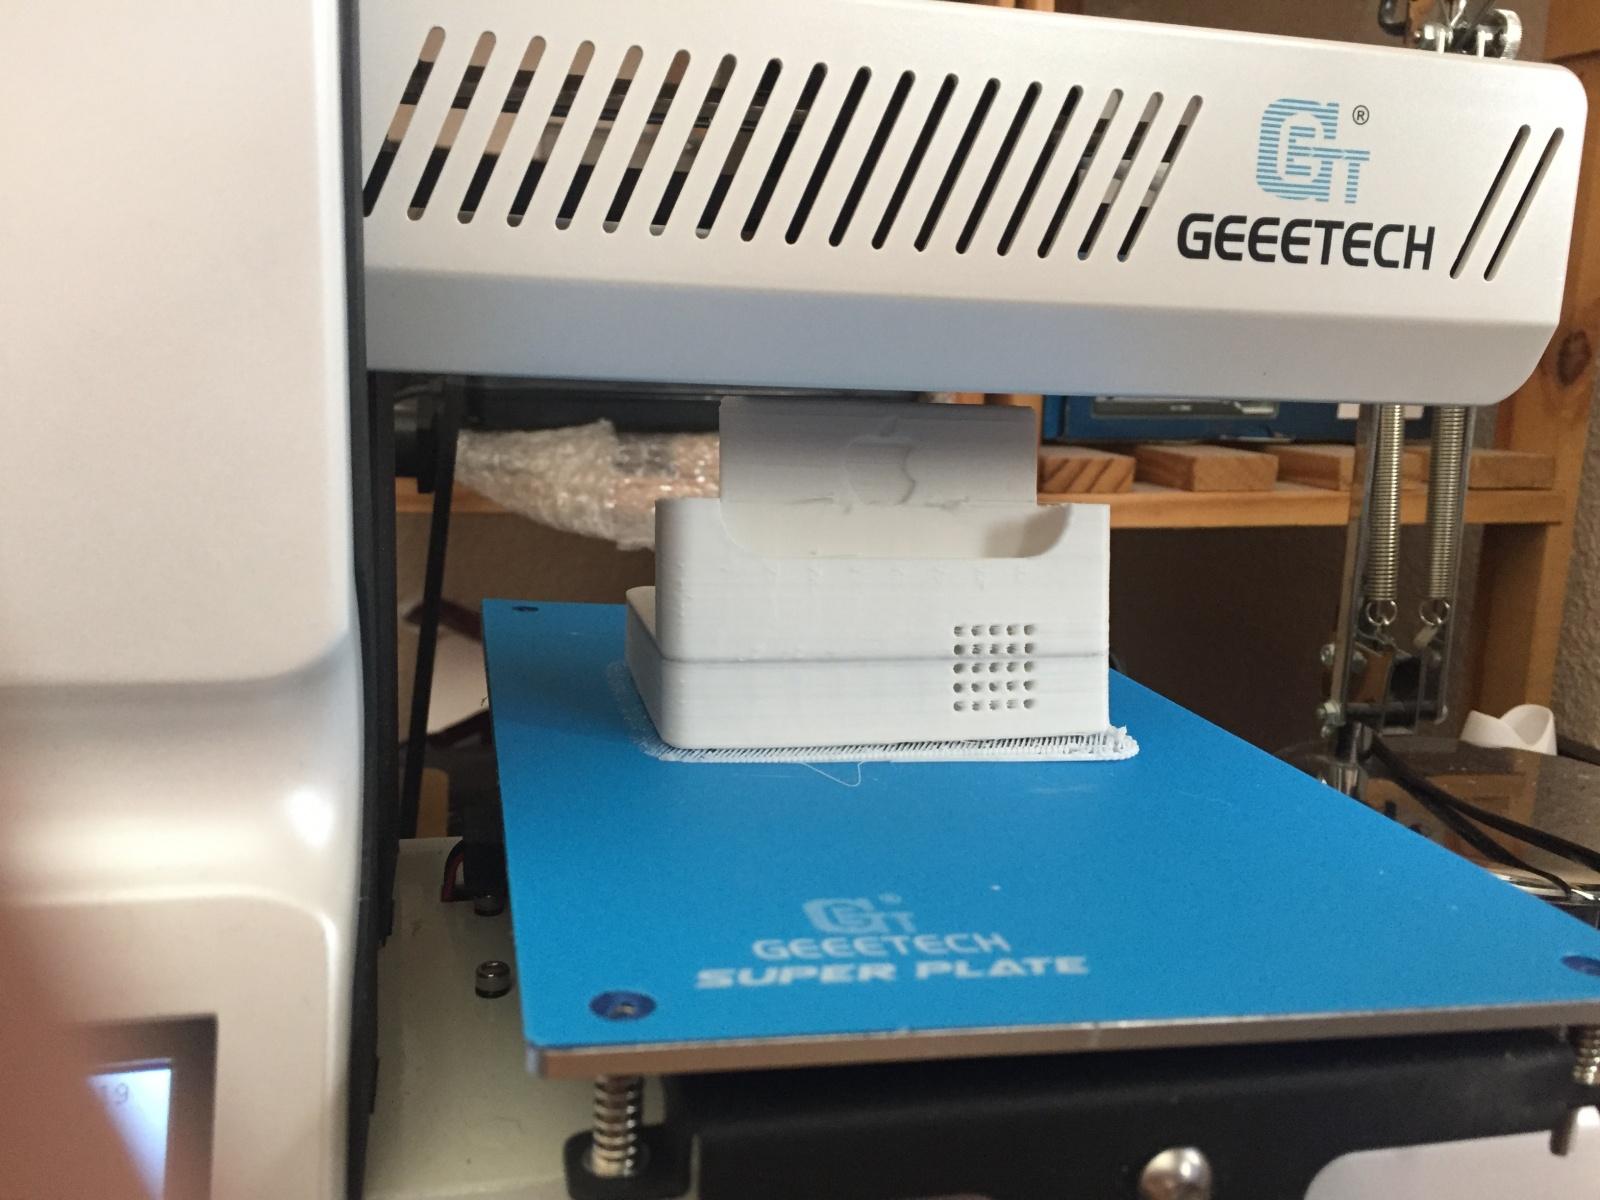 Как новичок 3D принтер покупал. Выбор, настройка, проблемы и решение практических задач - 5